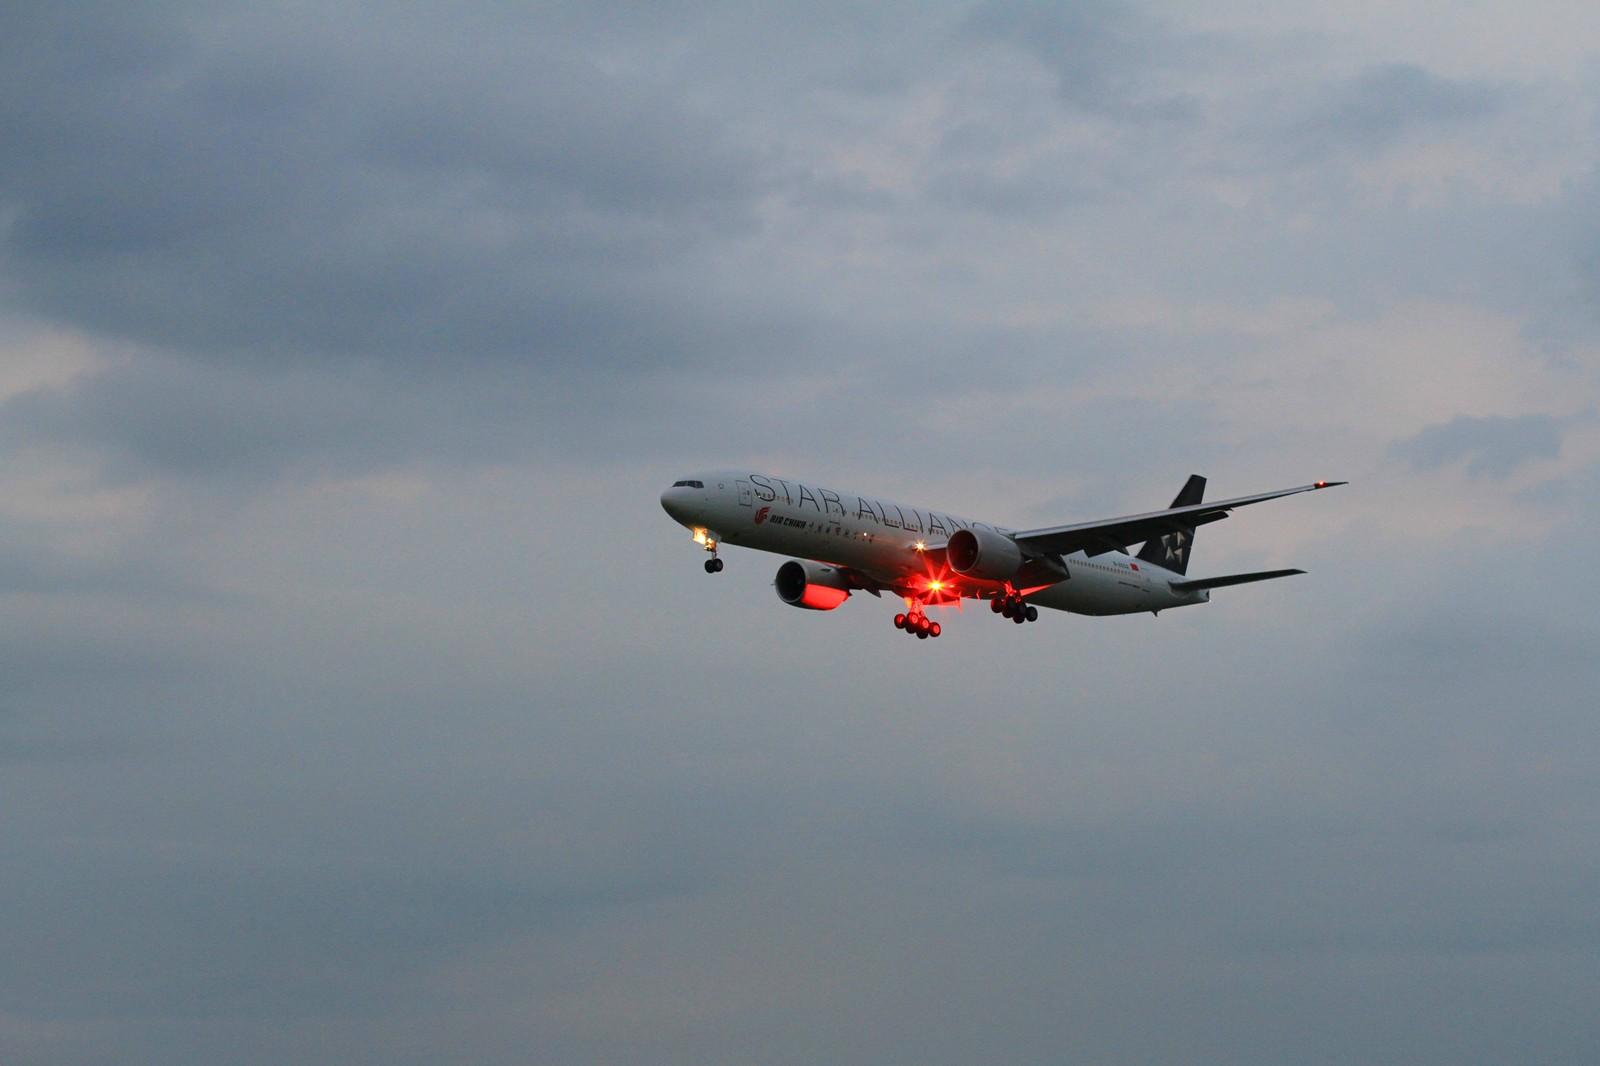 毫无准备的第一次拍到闪灯,主角是B-2032。 BOEING 777-300ER B-2032 北京首都国际机场